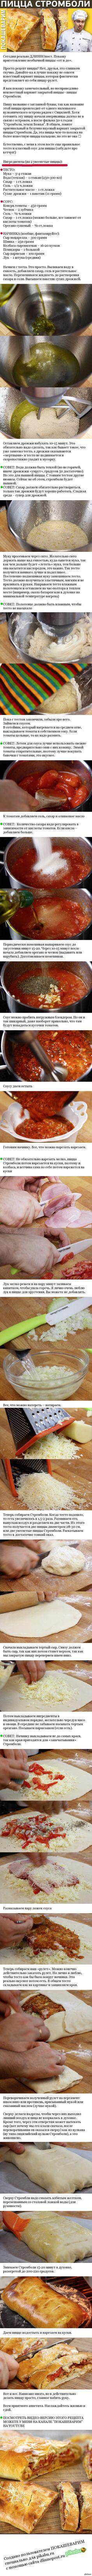 """ПИЦЦА-РУЛЕТ """"СТРОМБОЛИ"""". Очень длиннопост от Покашеварим. Этот рецепт можно использовать для приготовления и обычно пиццы. Видео-версия этого рецепта на канале Покашеварим на YouTube"""